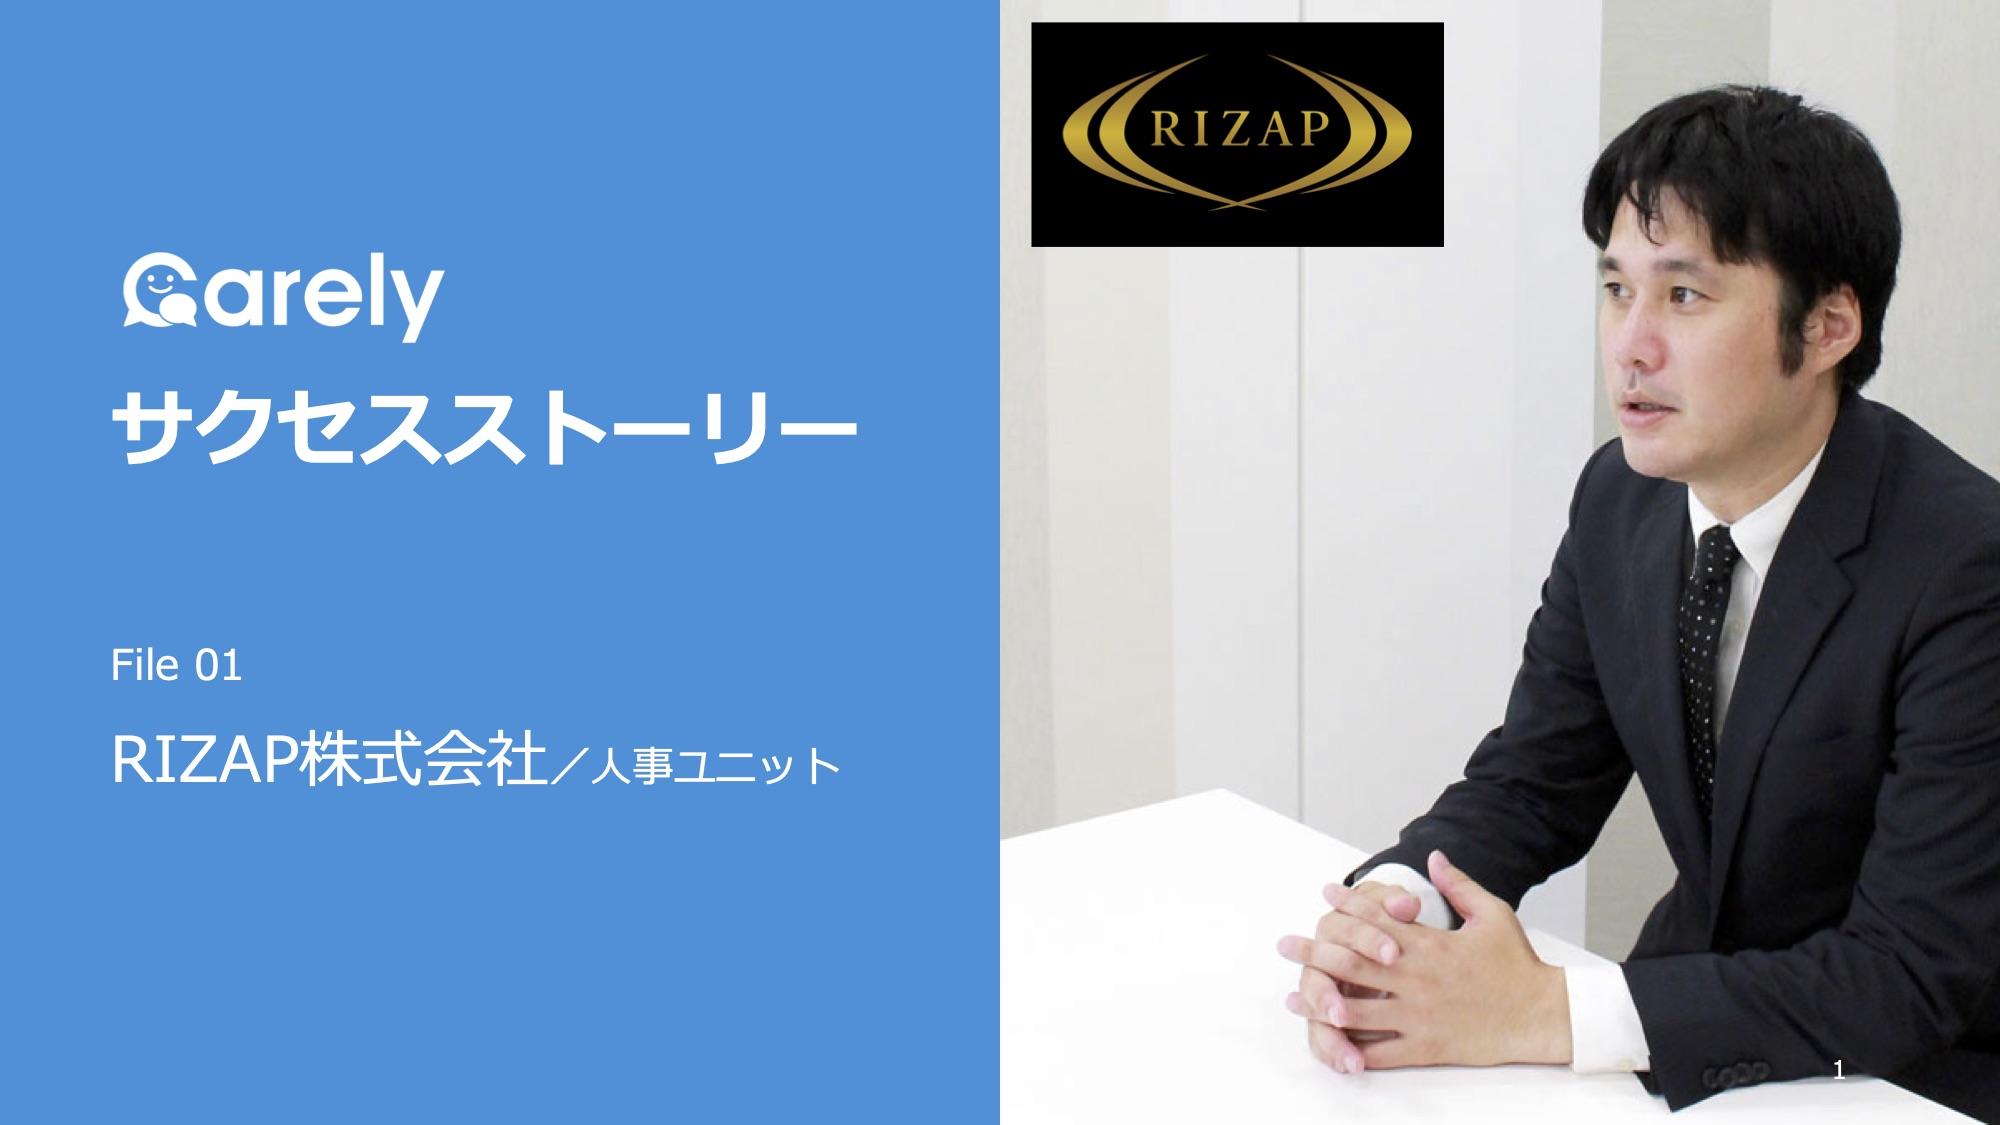 Carelyサクセスストーリー ~RIZAP株式会社~のサムネイル